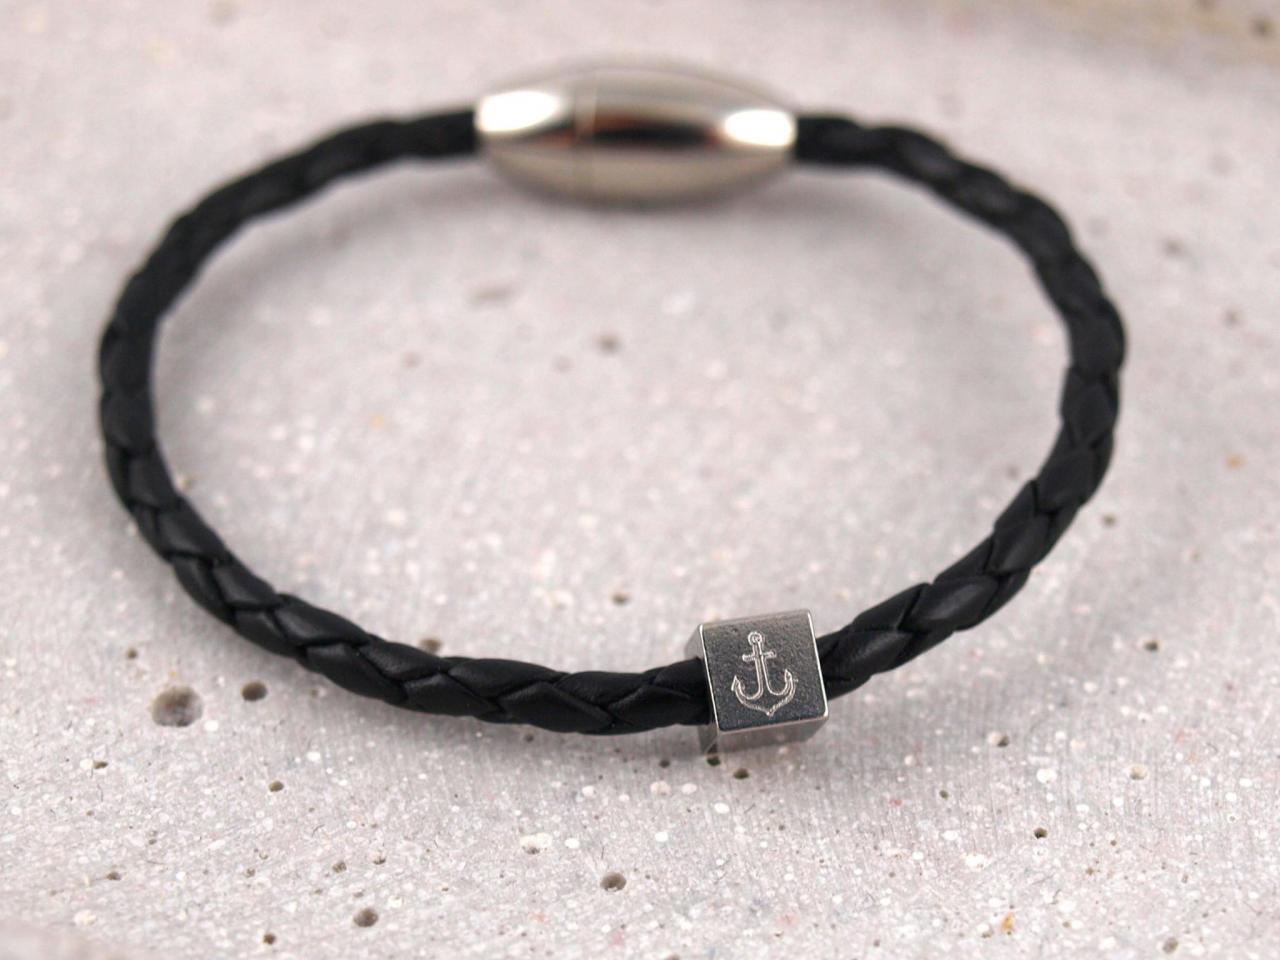 Leo schmales Lederarmband geflochten Gravur Wuerfel Magnetverschluss schwarz mit Anker